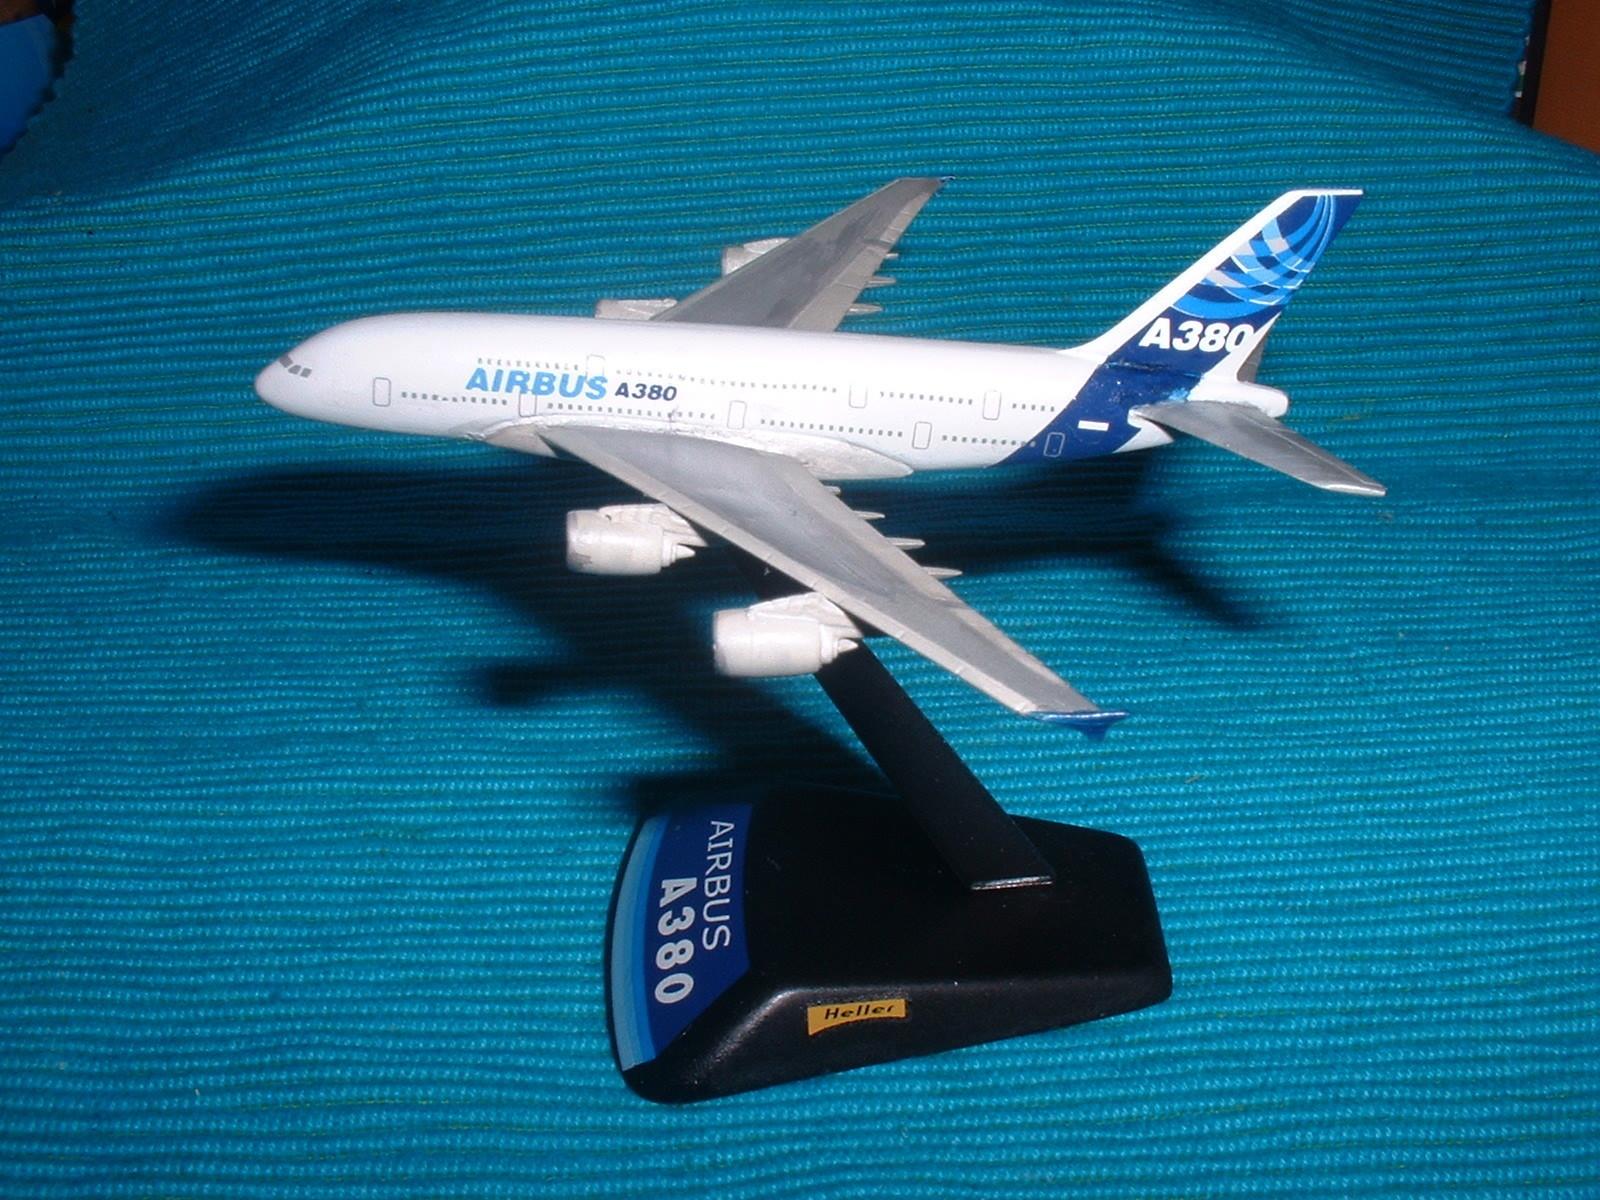 エレール 800分の1「エアバスA380 」その2.JPG